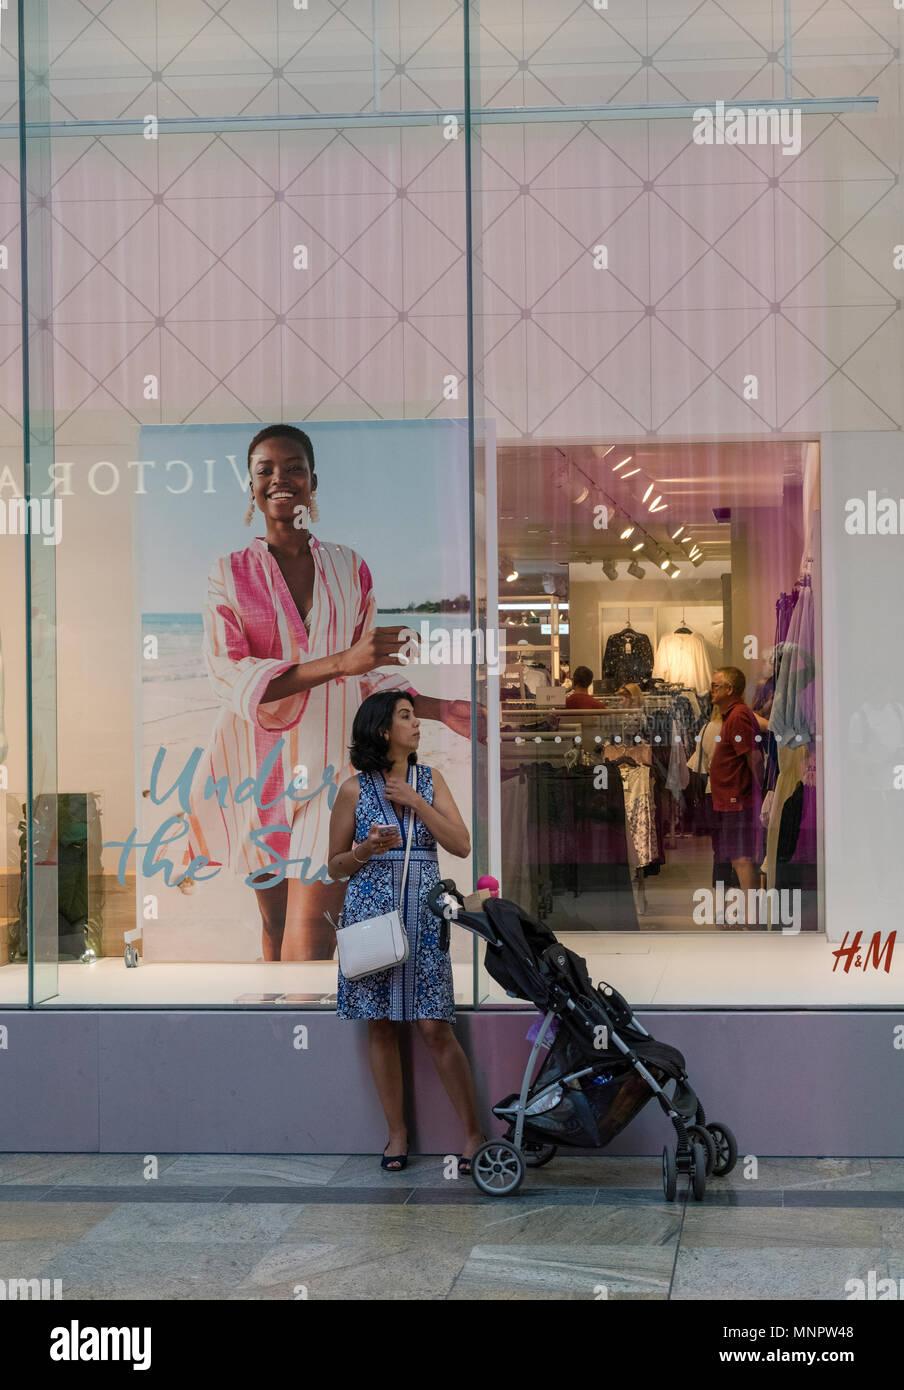 Una mujer joven con un bebé en un cochecito de pie fuera de una tienda de ropa de mujeres en un centro comercial mirando un teléfono móvil o dispositivo portátil. Imagen De Stock